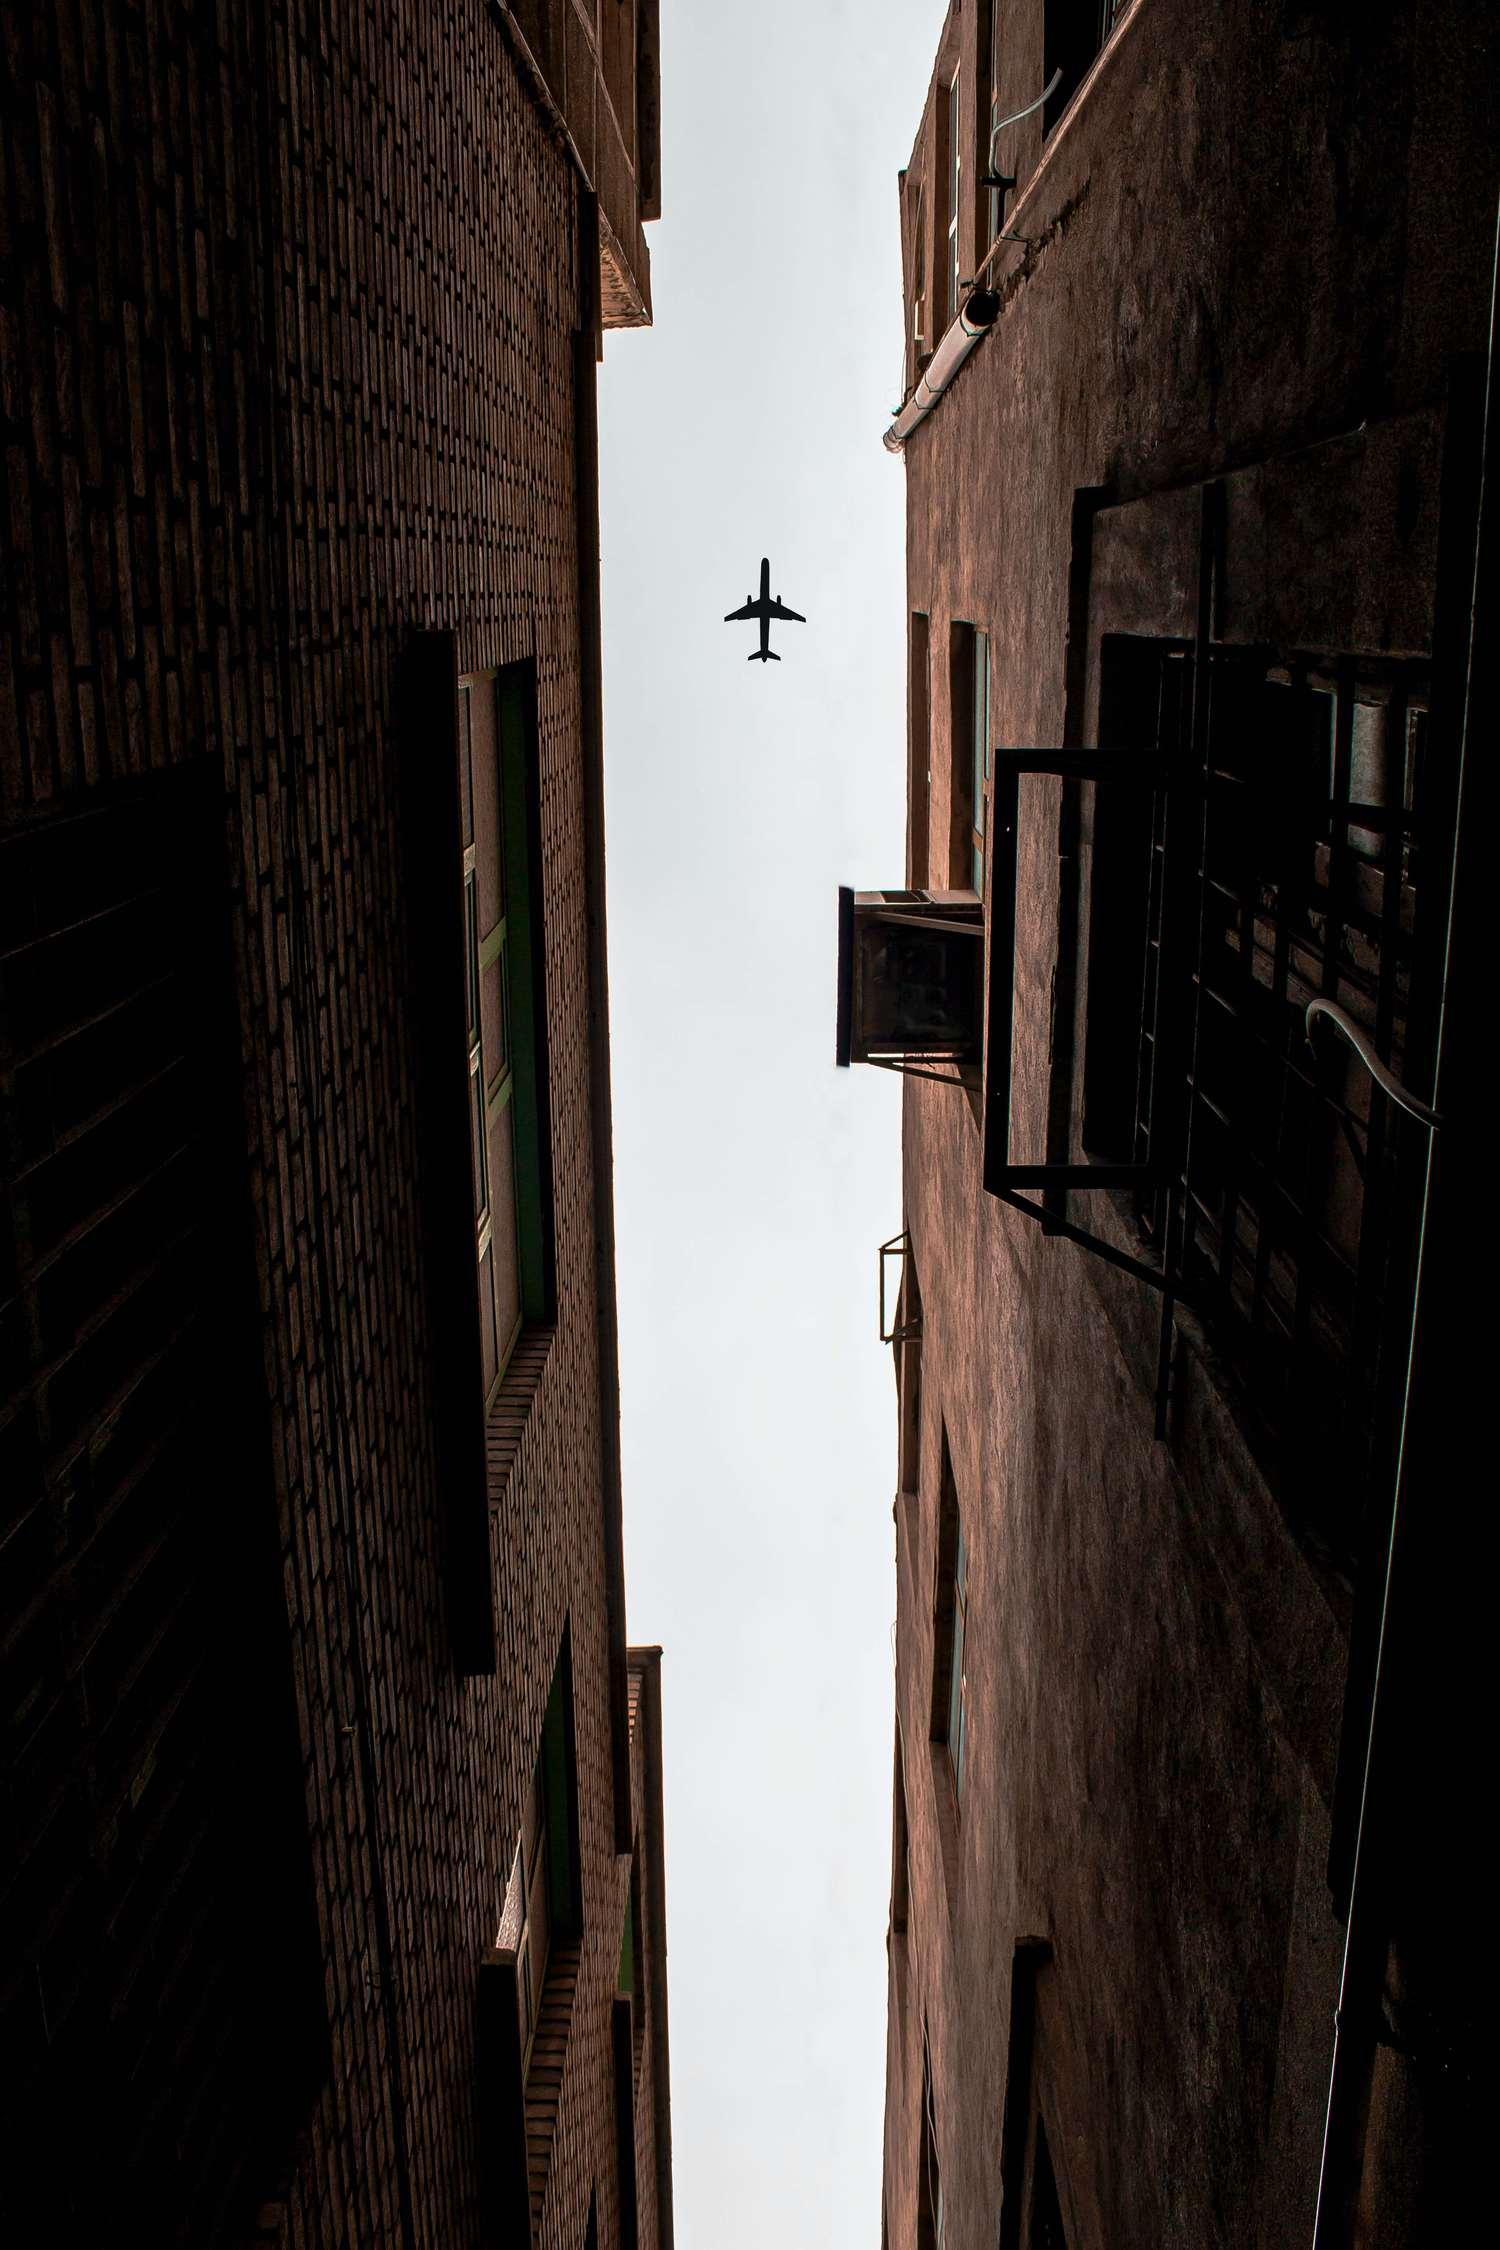 Perspectiva nadir con avión entre edificios